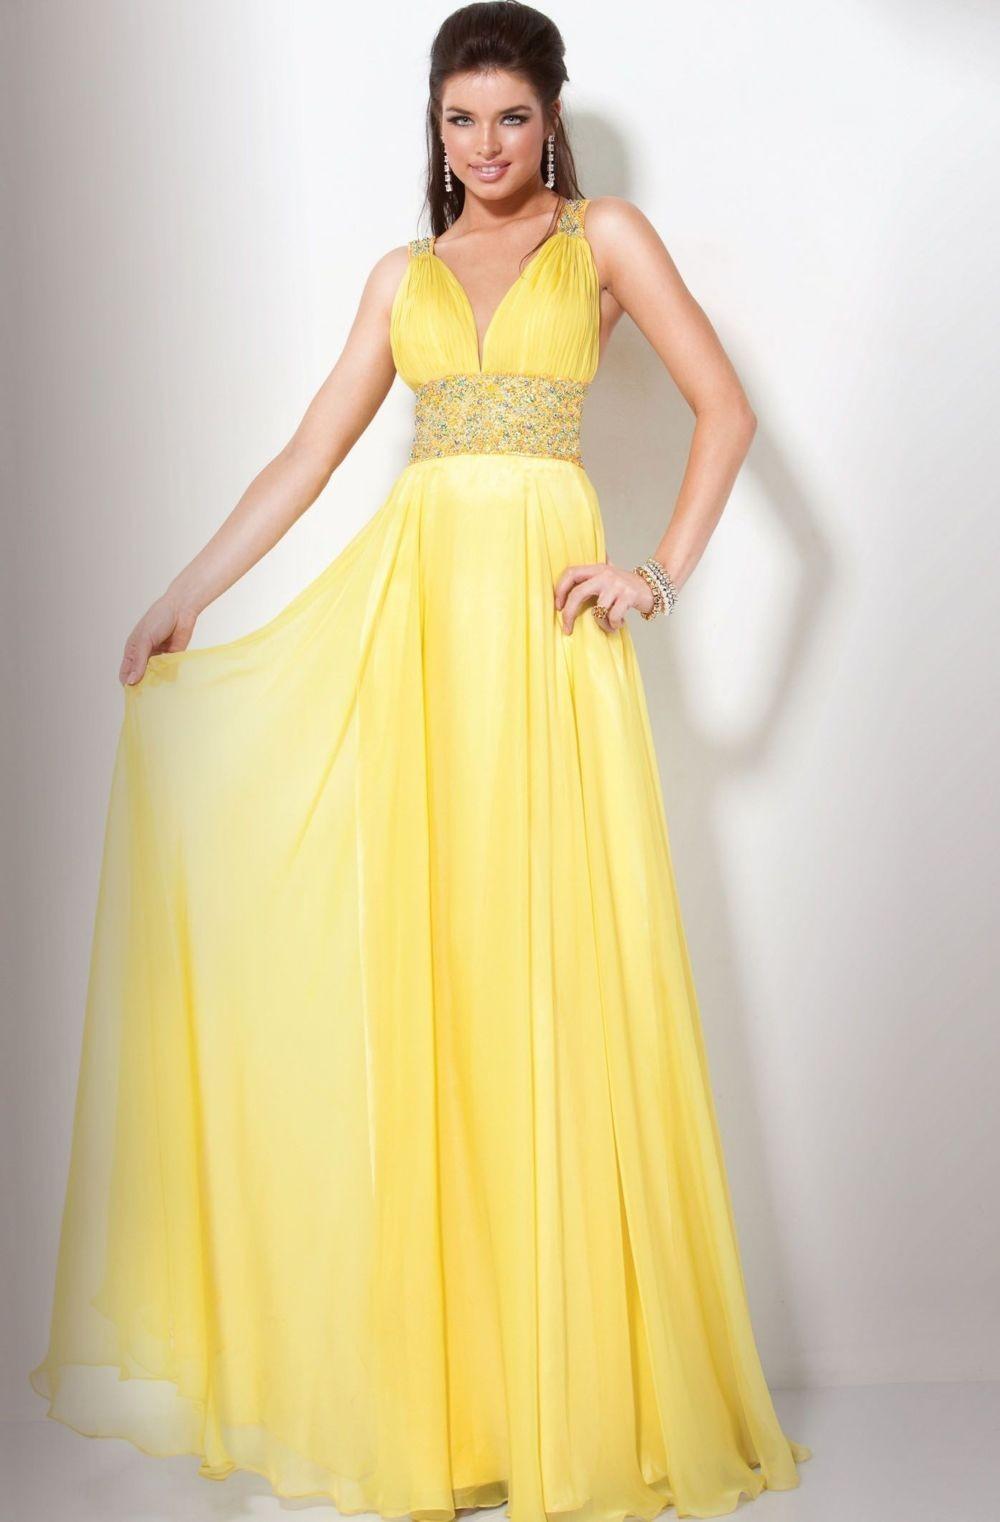 Вечерние платья 2018 фото новинки длинные на выпускной: греческий стиль желтое шифоноввая юбка пояс под грудь